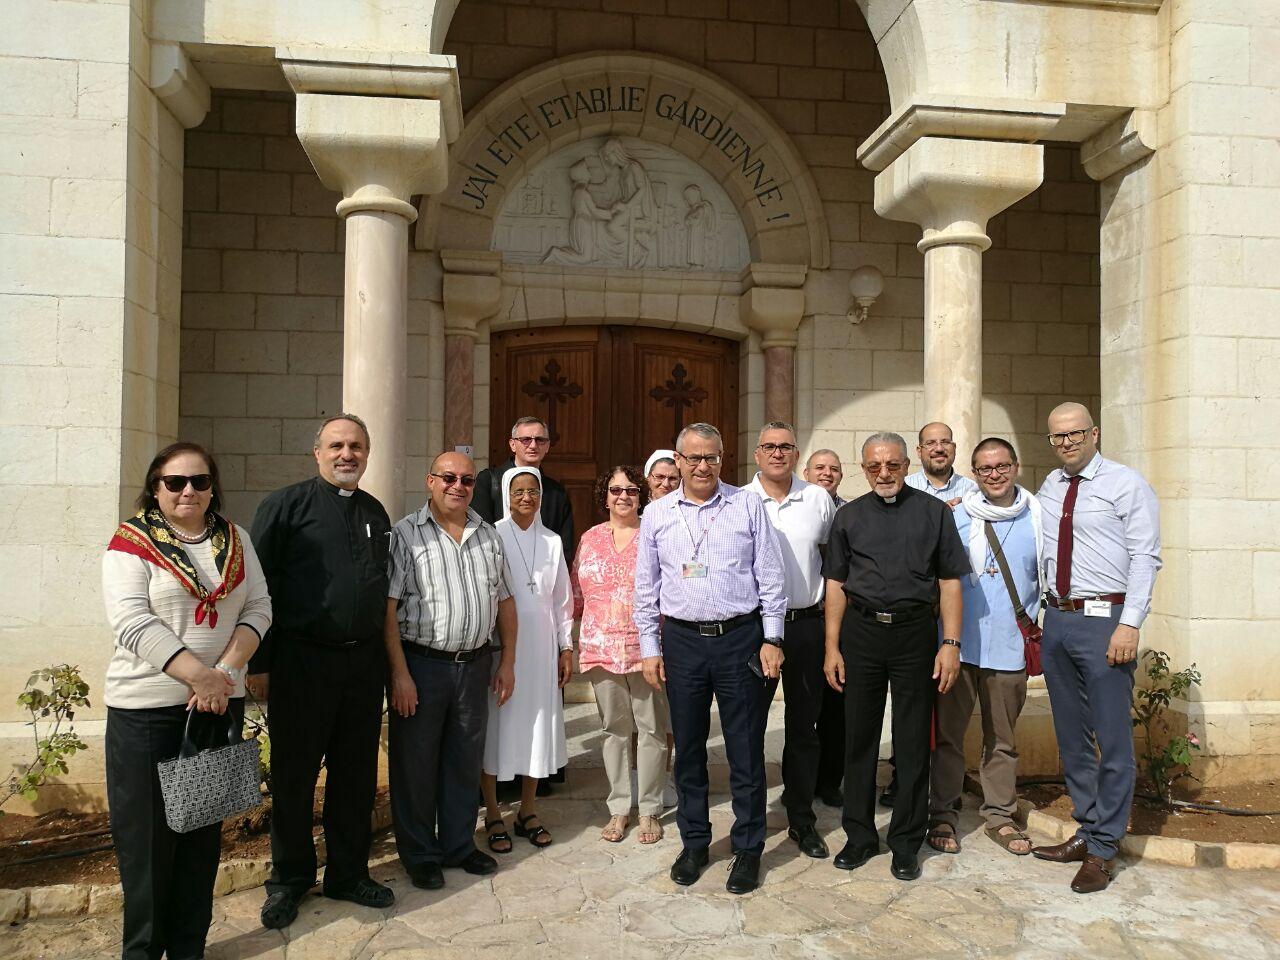 Chiusura dell'anno della misericordia per gli ospedali di Nazaret